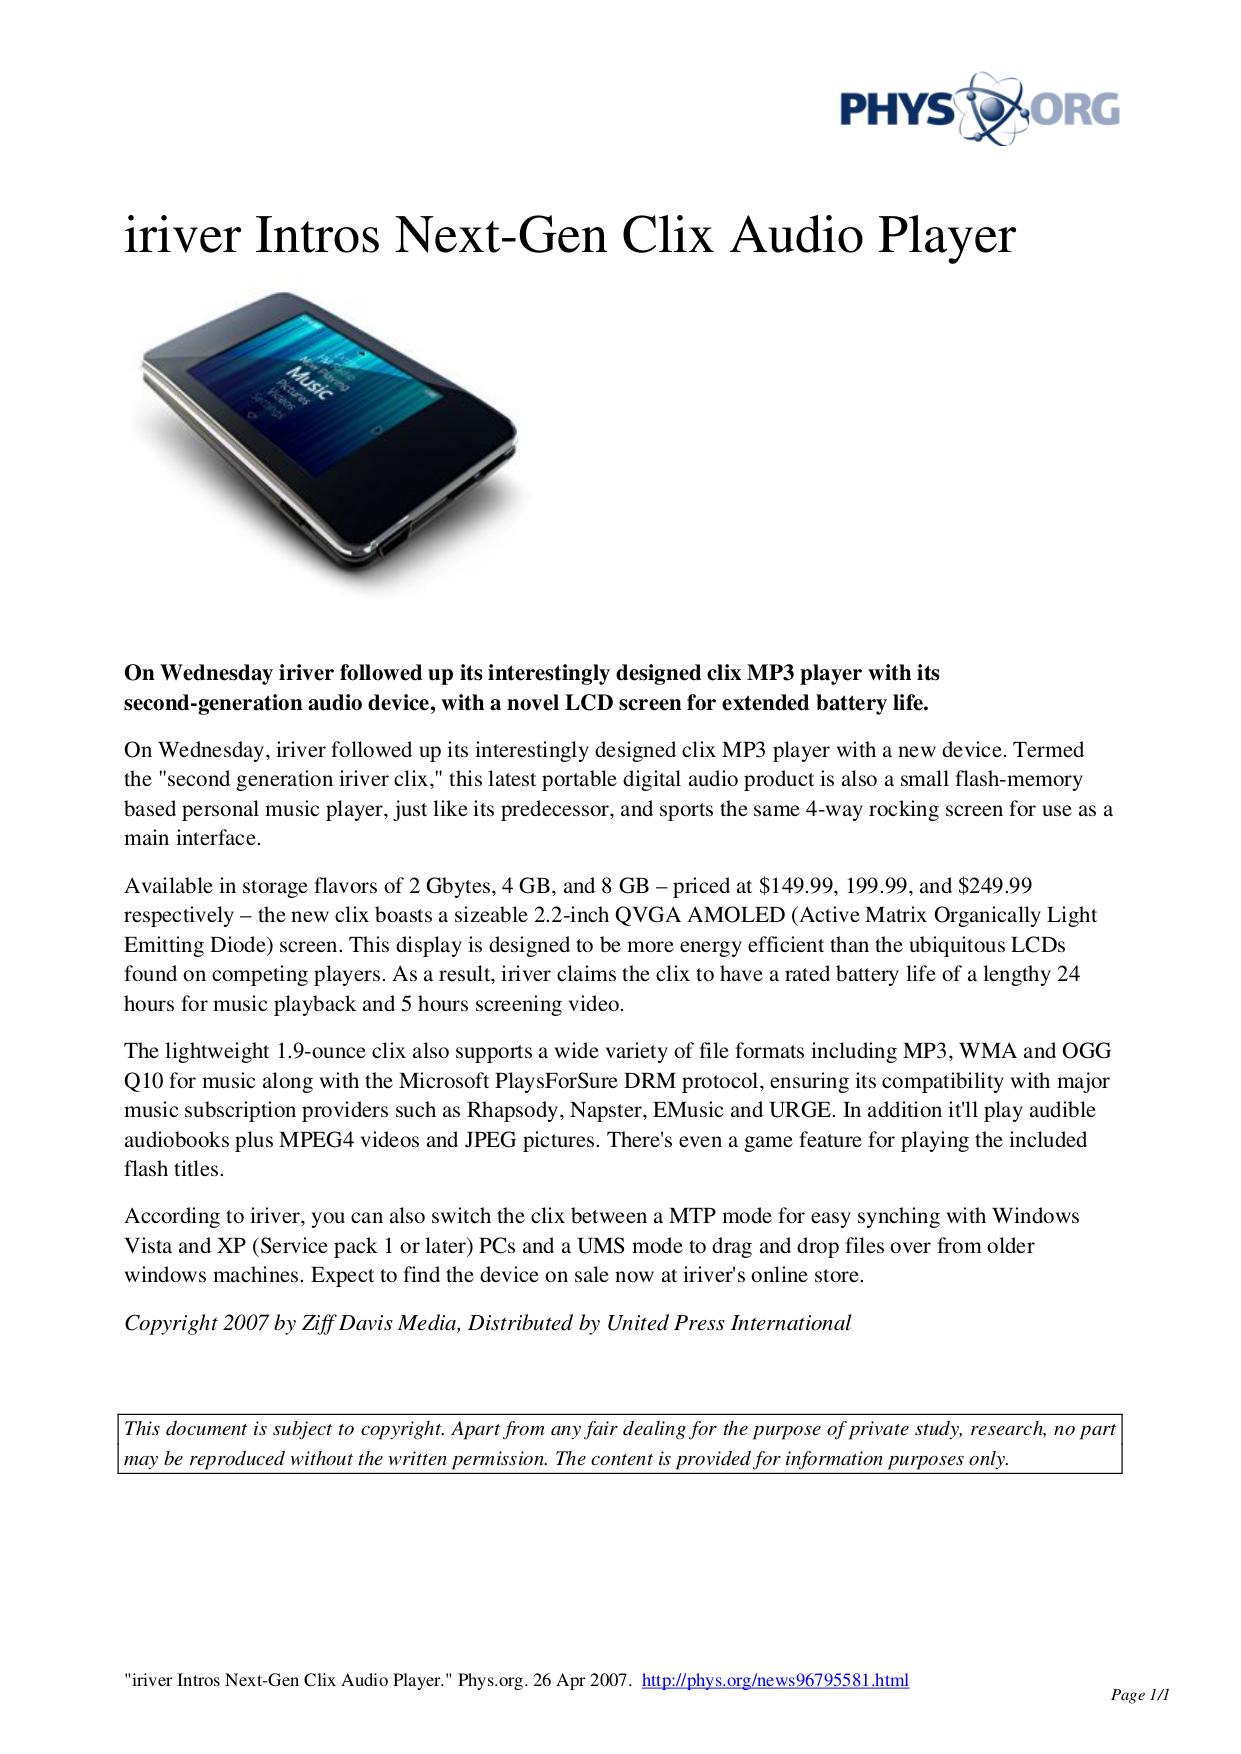 download free pdf for iriver clix mp3 player manual rh umlib com iRiver U10 Iriver AK70 Mkii